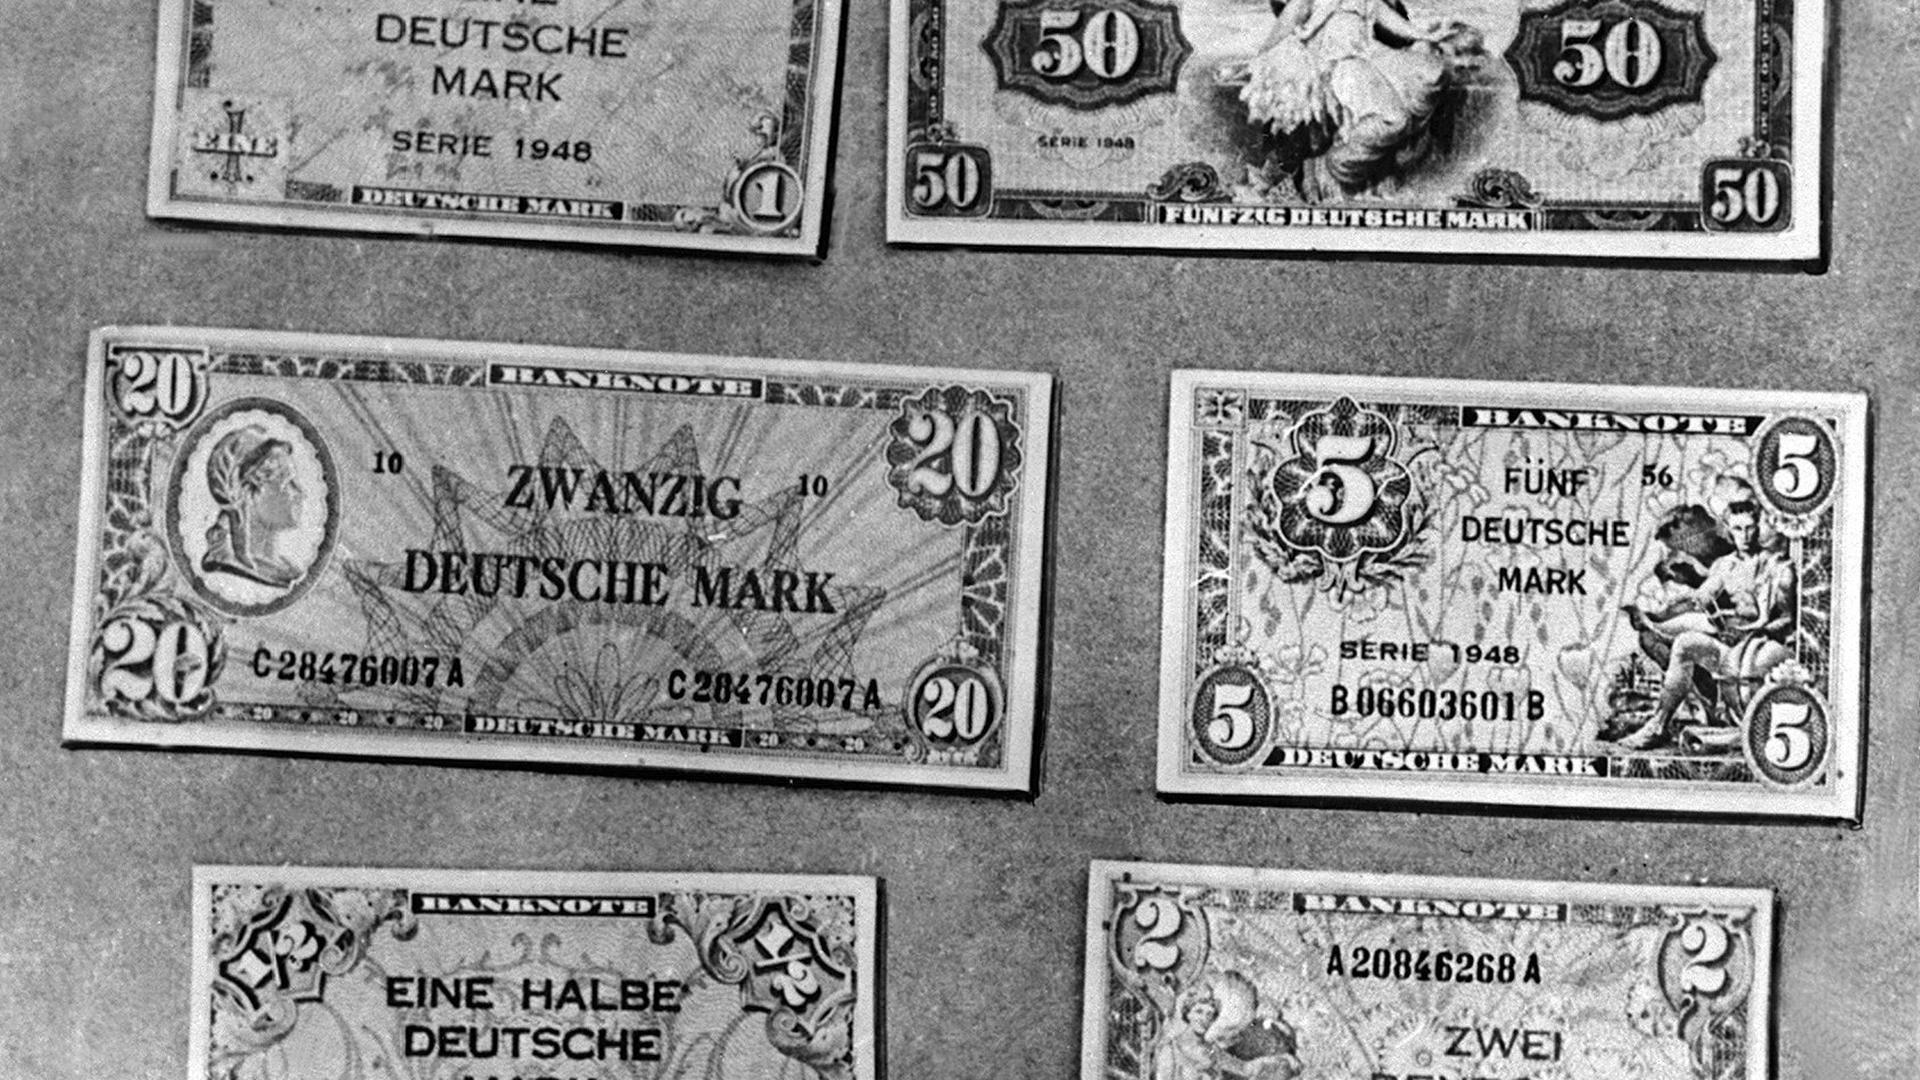 Die neuen deutschen Geldscheine, die ab dem 21. Juni 1948 im Zuge der Währungsreform gültig waren. Oberste Reihe: Eine Deutsche Mark, Fünfzig Deutsche Mark; mittlere Reihe: Zwanzig Deutsche Mark, Fünf Deutsche Mark; unterste Reihe: Eine Halbe Deutsche Mark, Zwei Deutsche Mark.